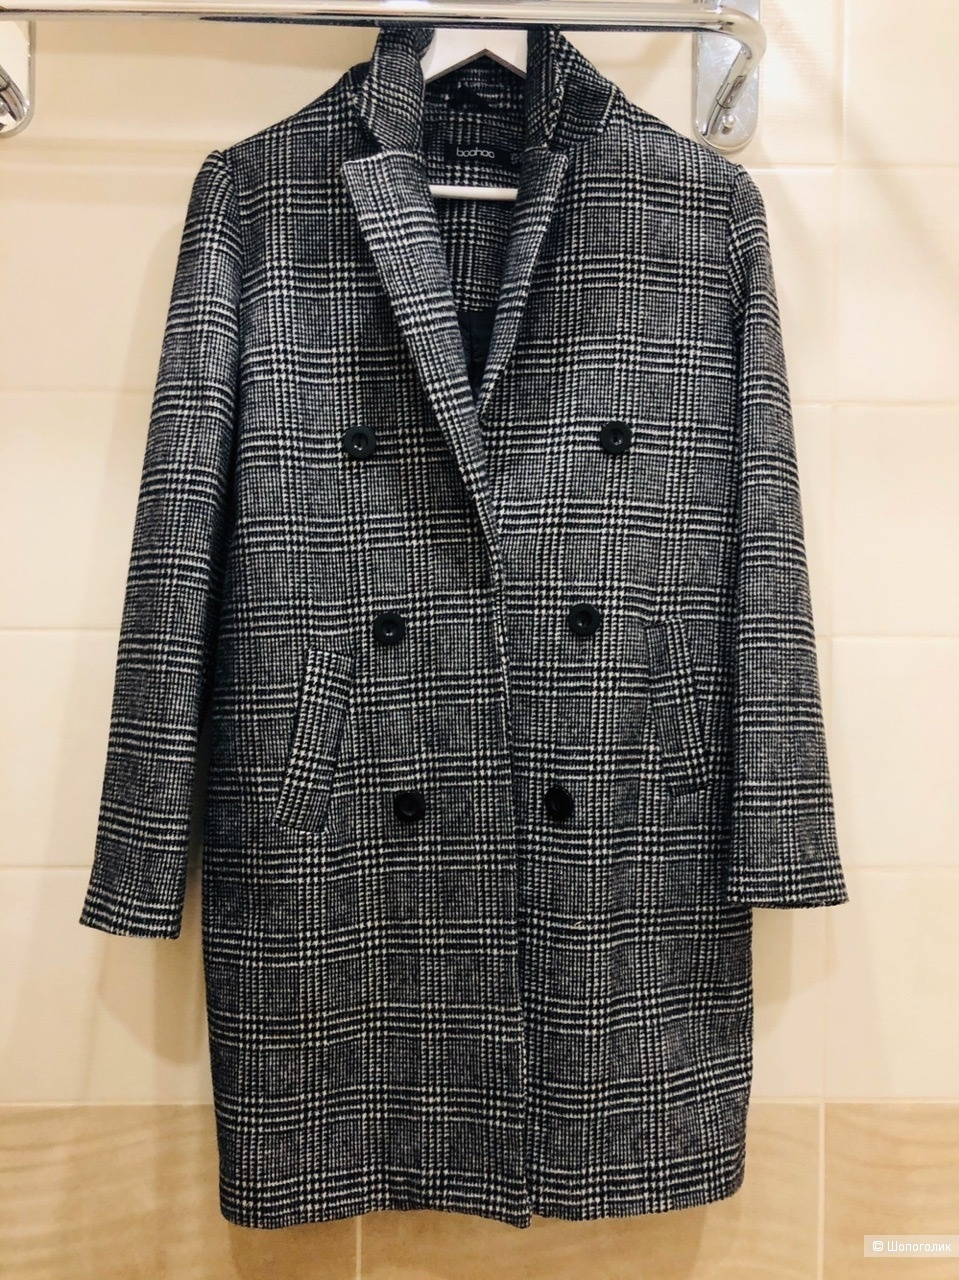 Пальто Boohoo.Размер 40-44.